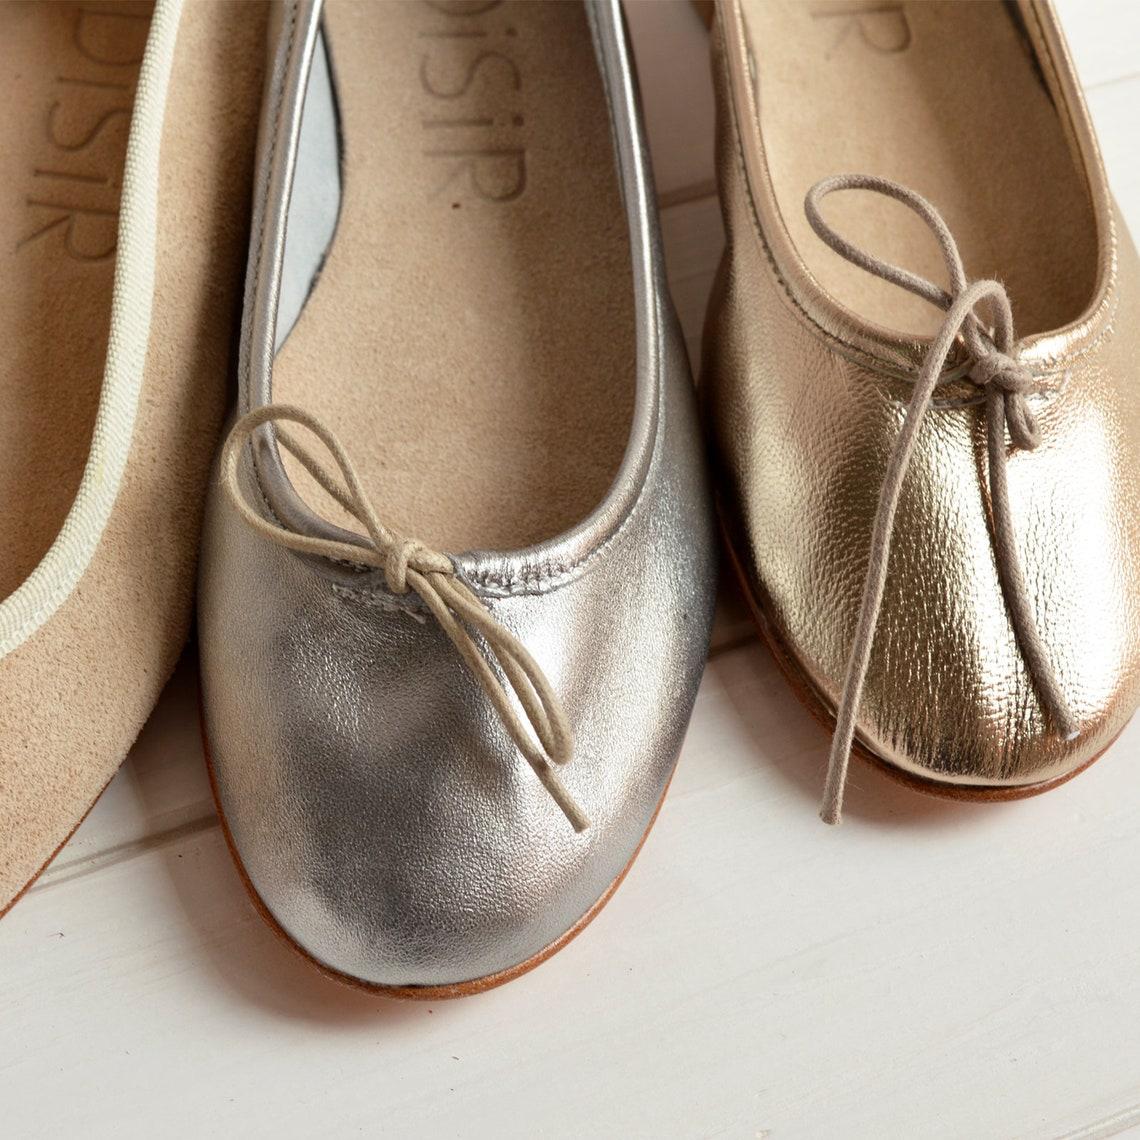 SUPER SOFT! Ballerine in pelle, laminata argento. Scarpe donna eleganti. Realizzate in Italia con materiali naturali. Flat blush  ballerina - Scarpe alla moda 4xzGTMme nWOHtW x8s26o